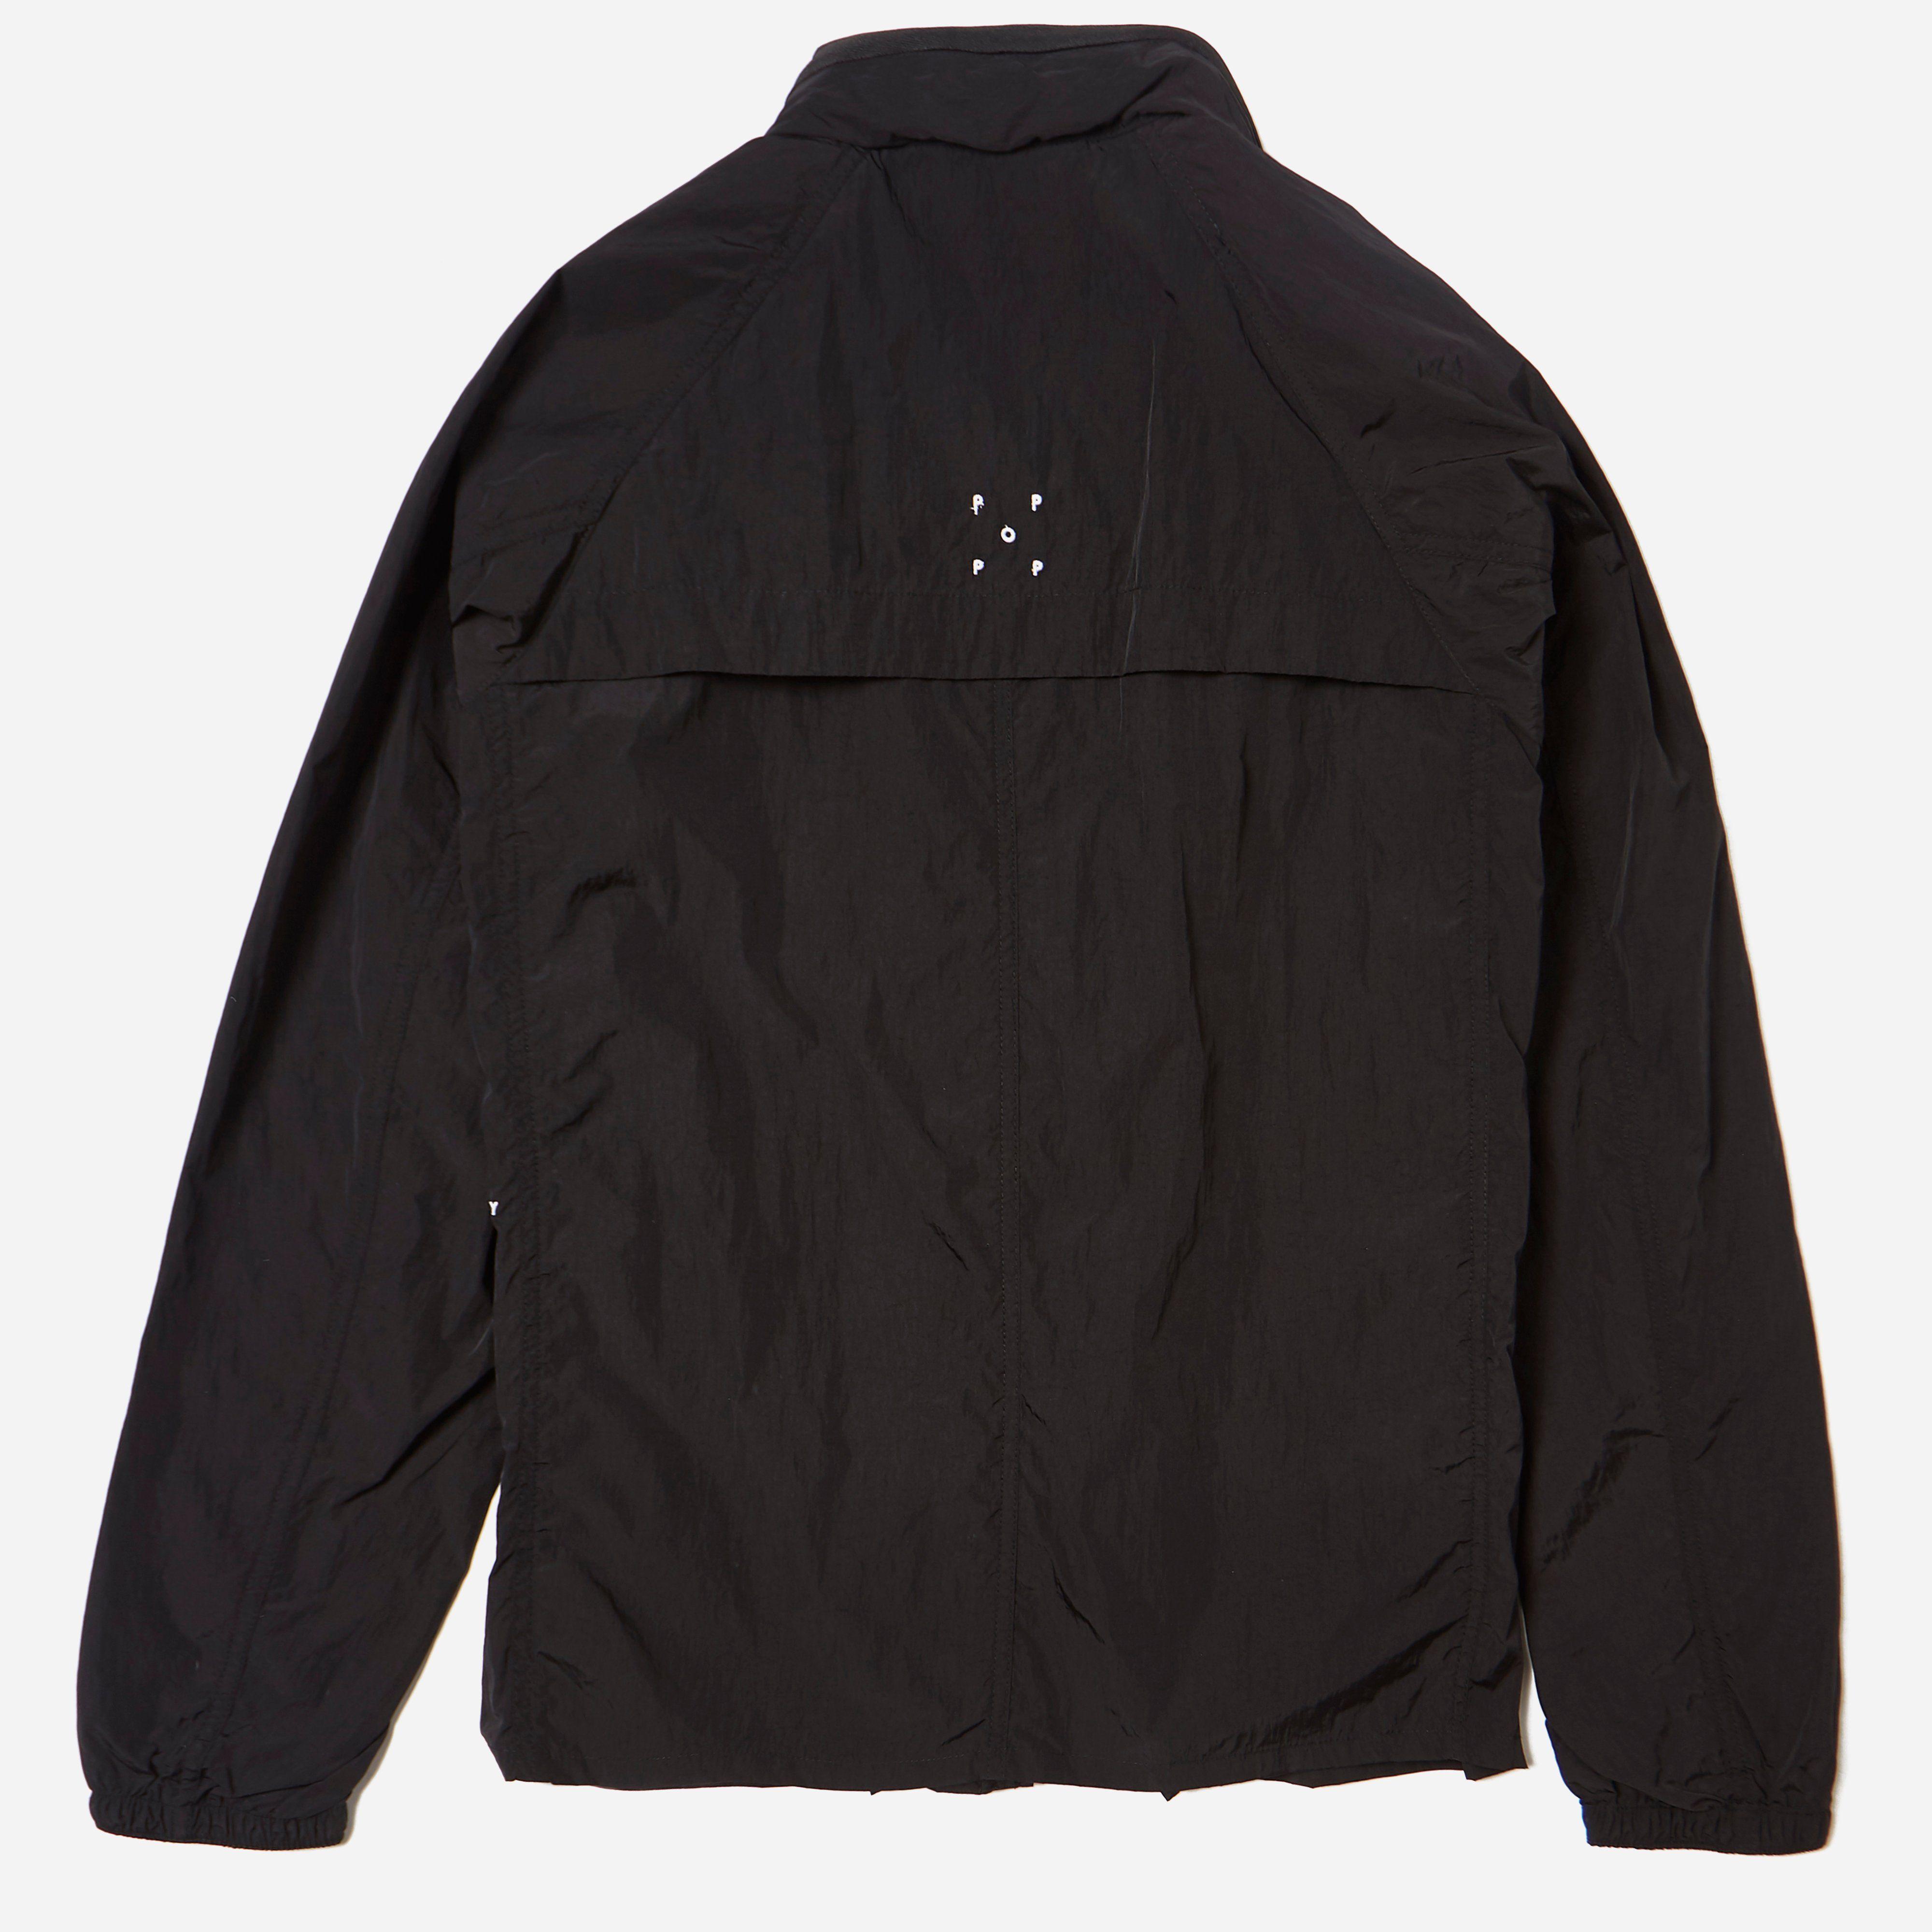 Pop Trading Company Venice Jacket